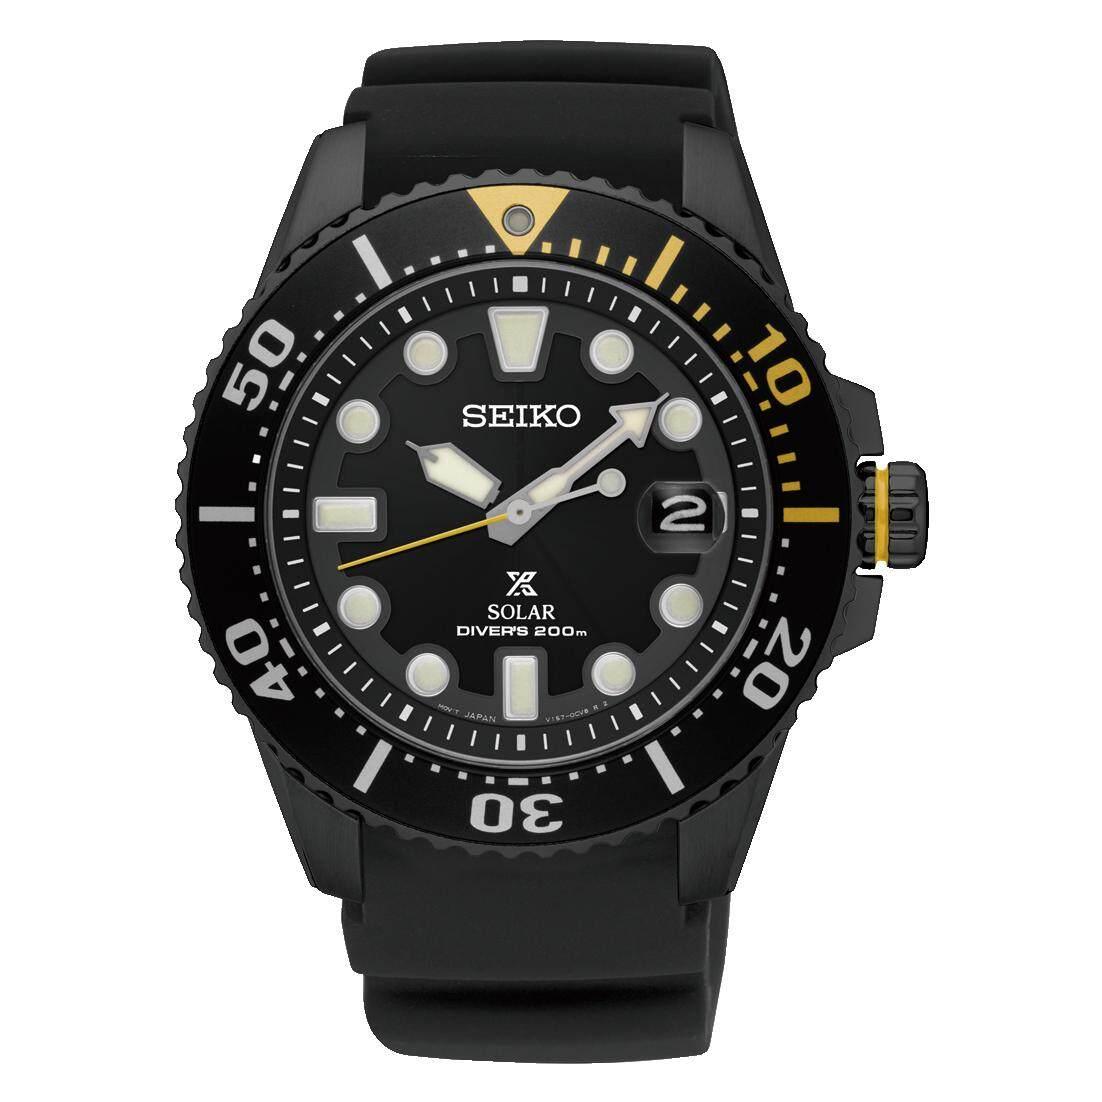 ยี่ห้อไหนดี  ลำปาง Karnvera Shop Seiko นาฬิกาข้อมือชาย Prospex Solar 200m Divers Men Watch SNE441P1